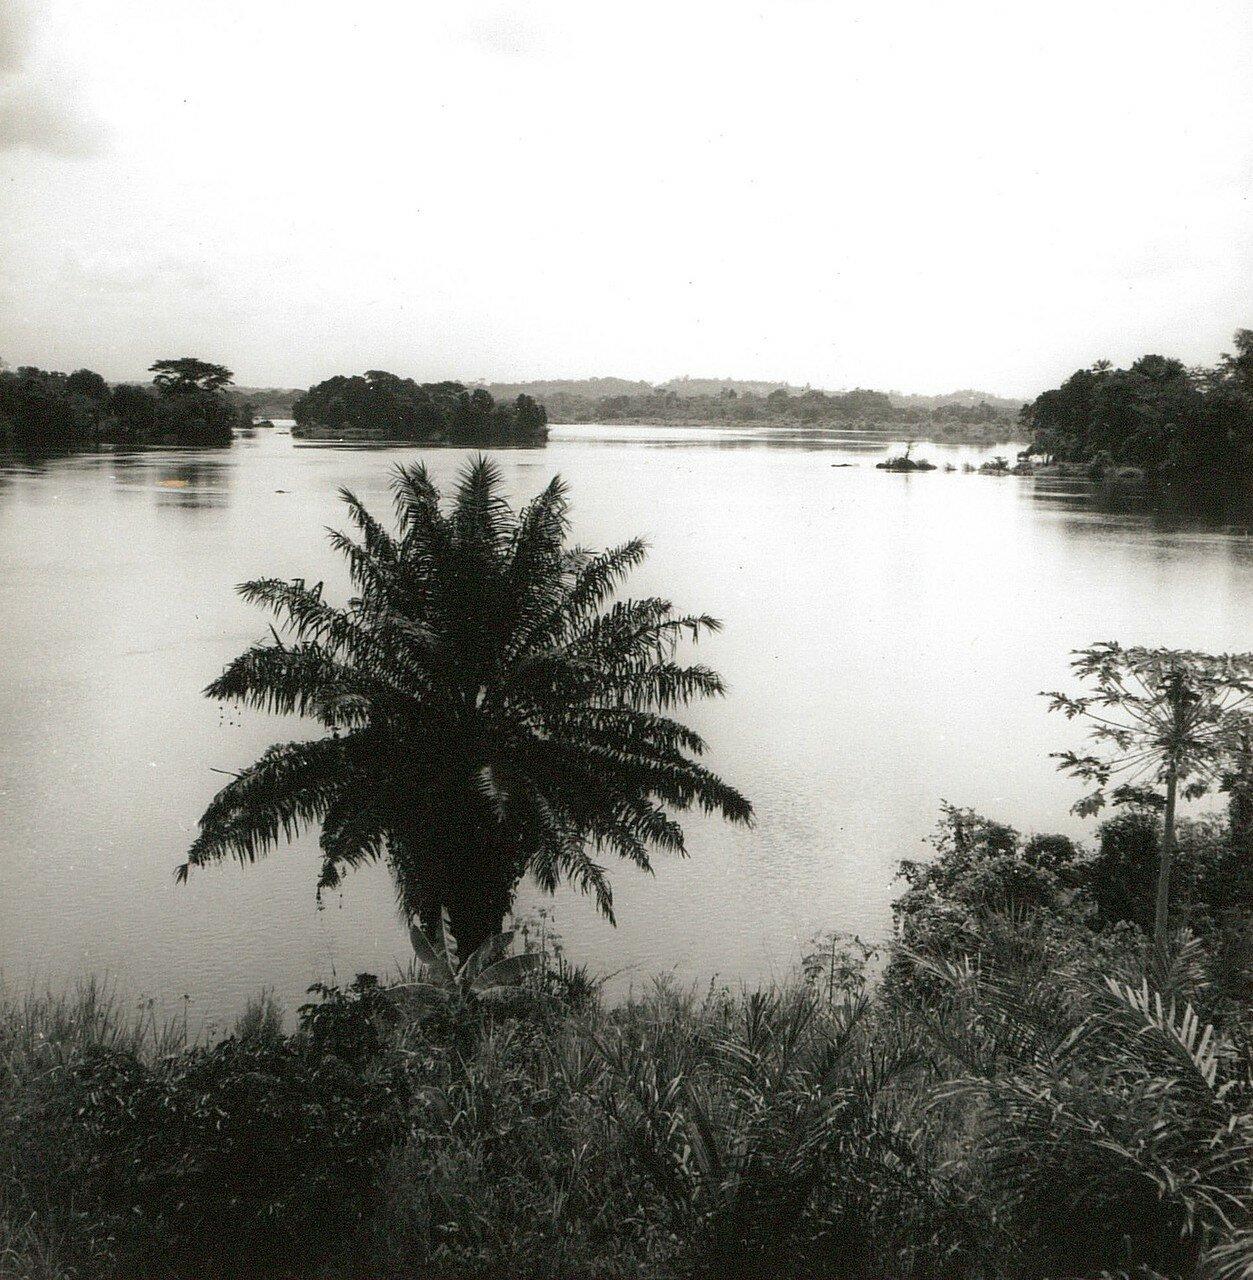 Гана. Река Вольта. Тропический лес